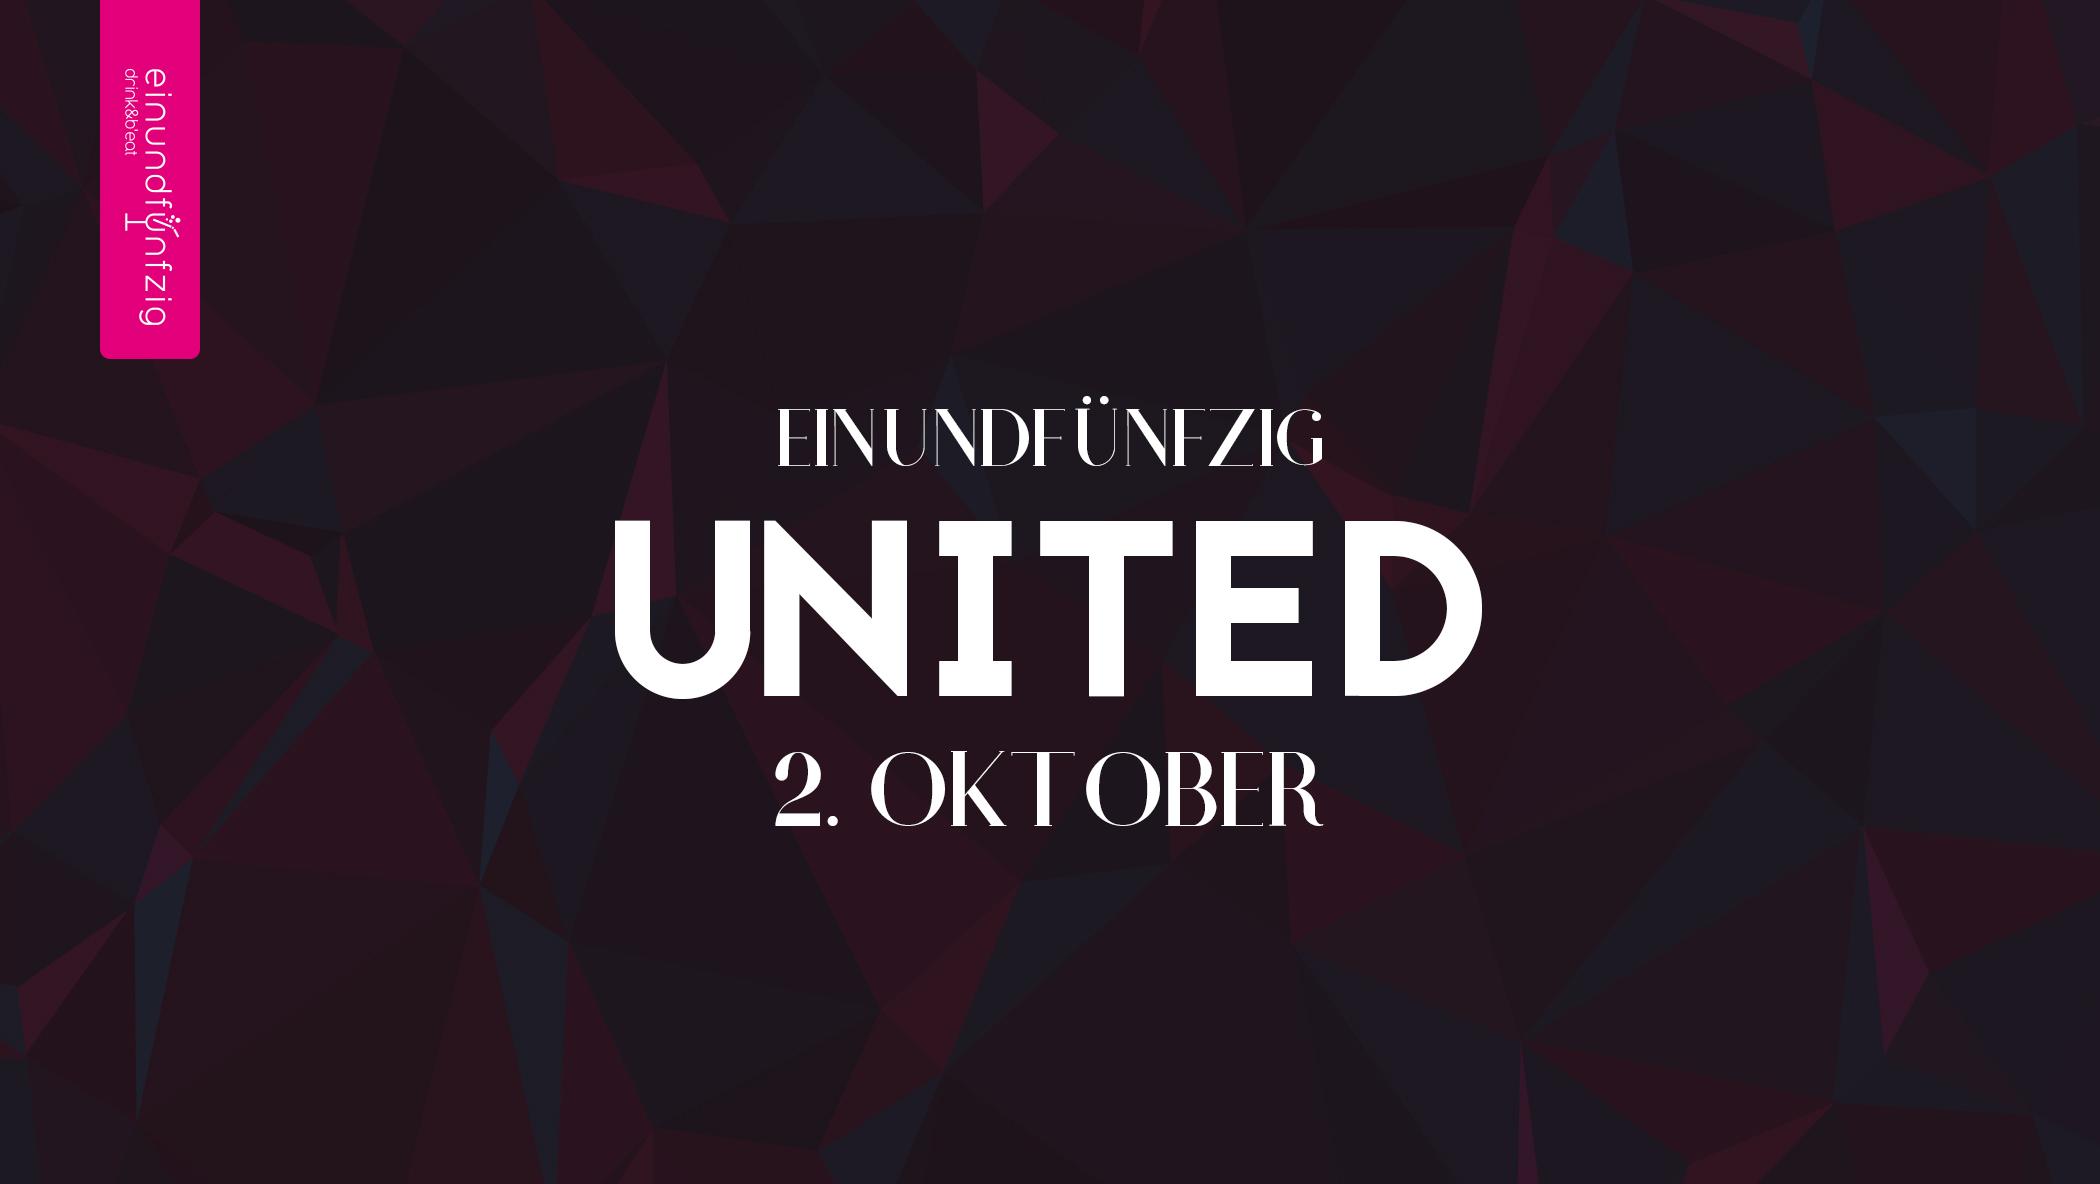 02.10.2018 einundfünfzig UNITED